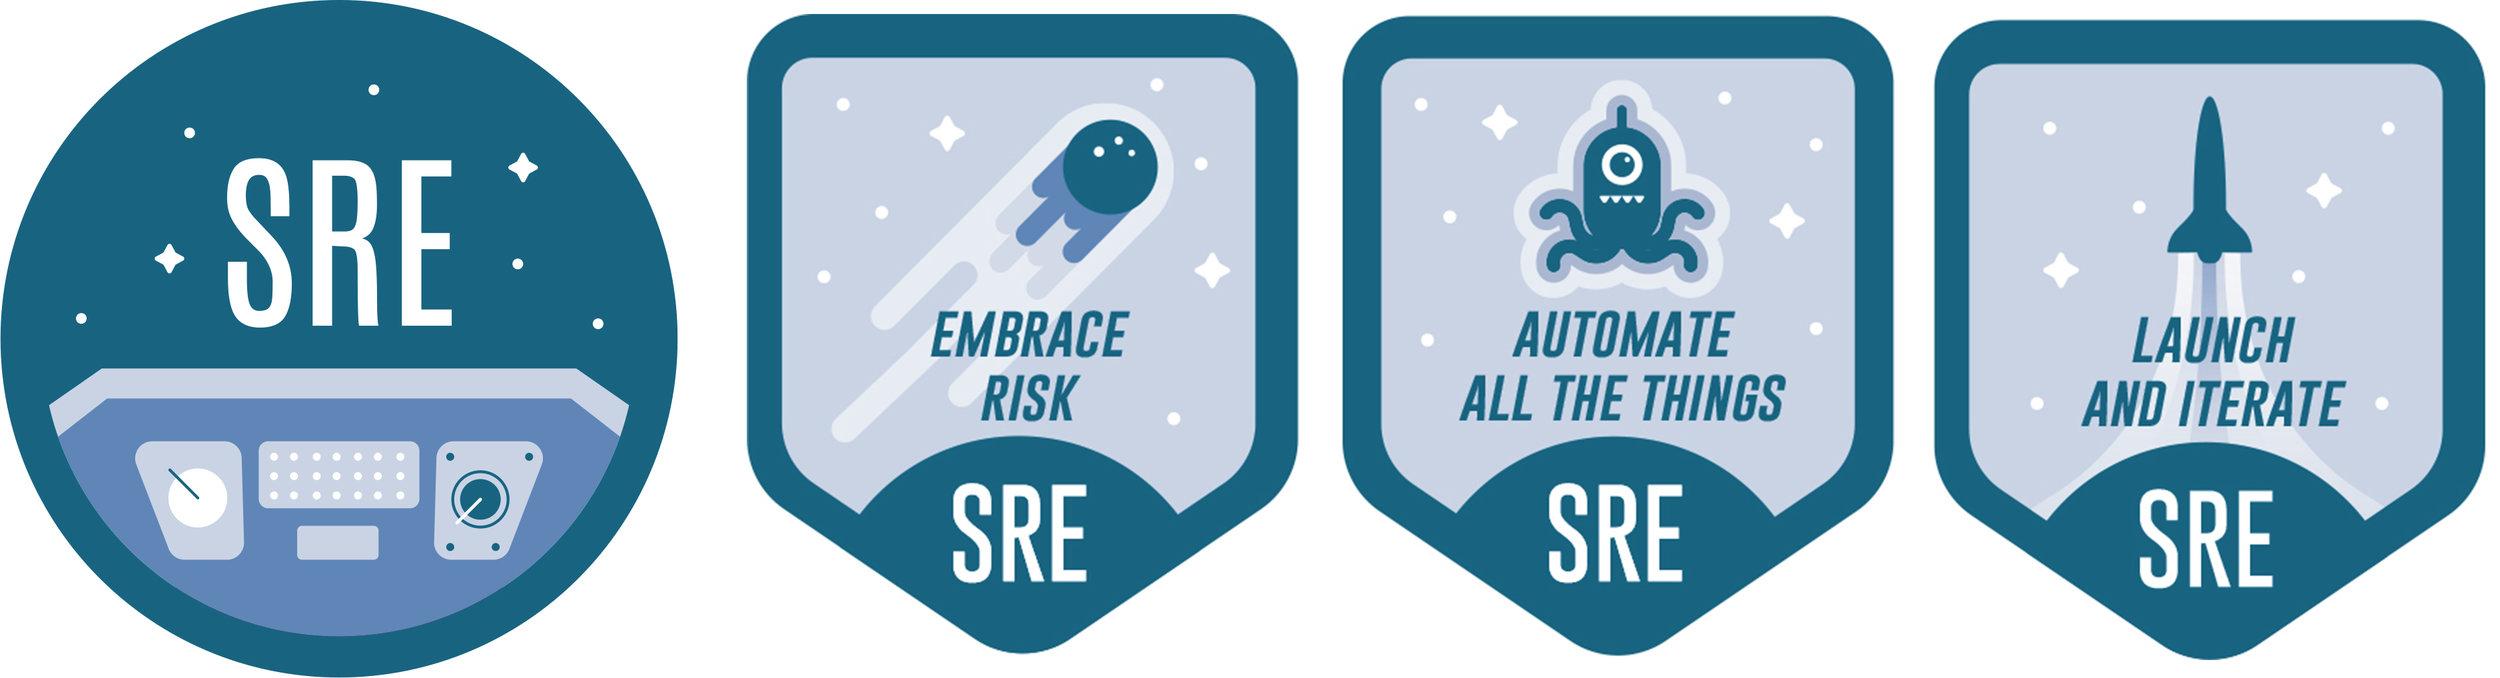 SRE-Logos.jpg